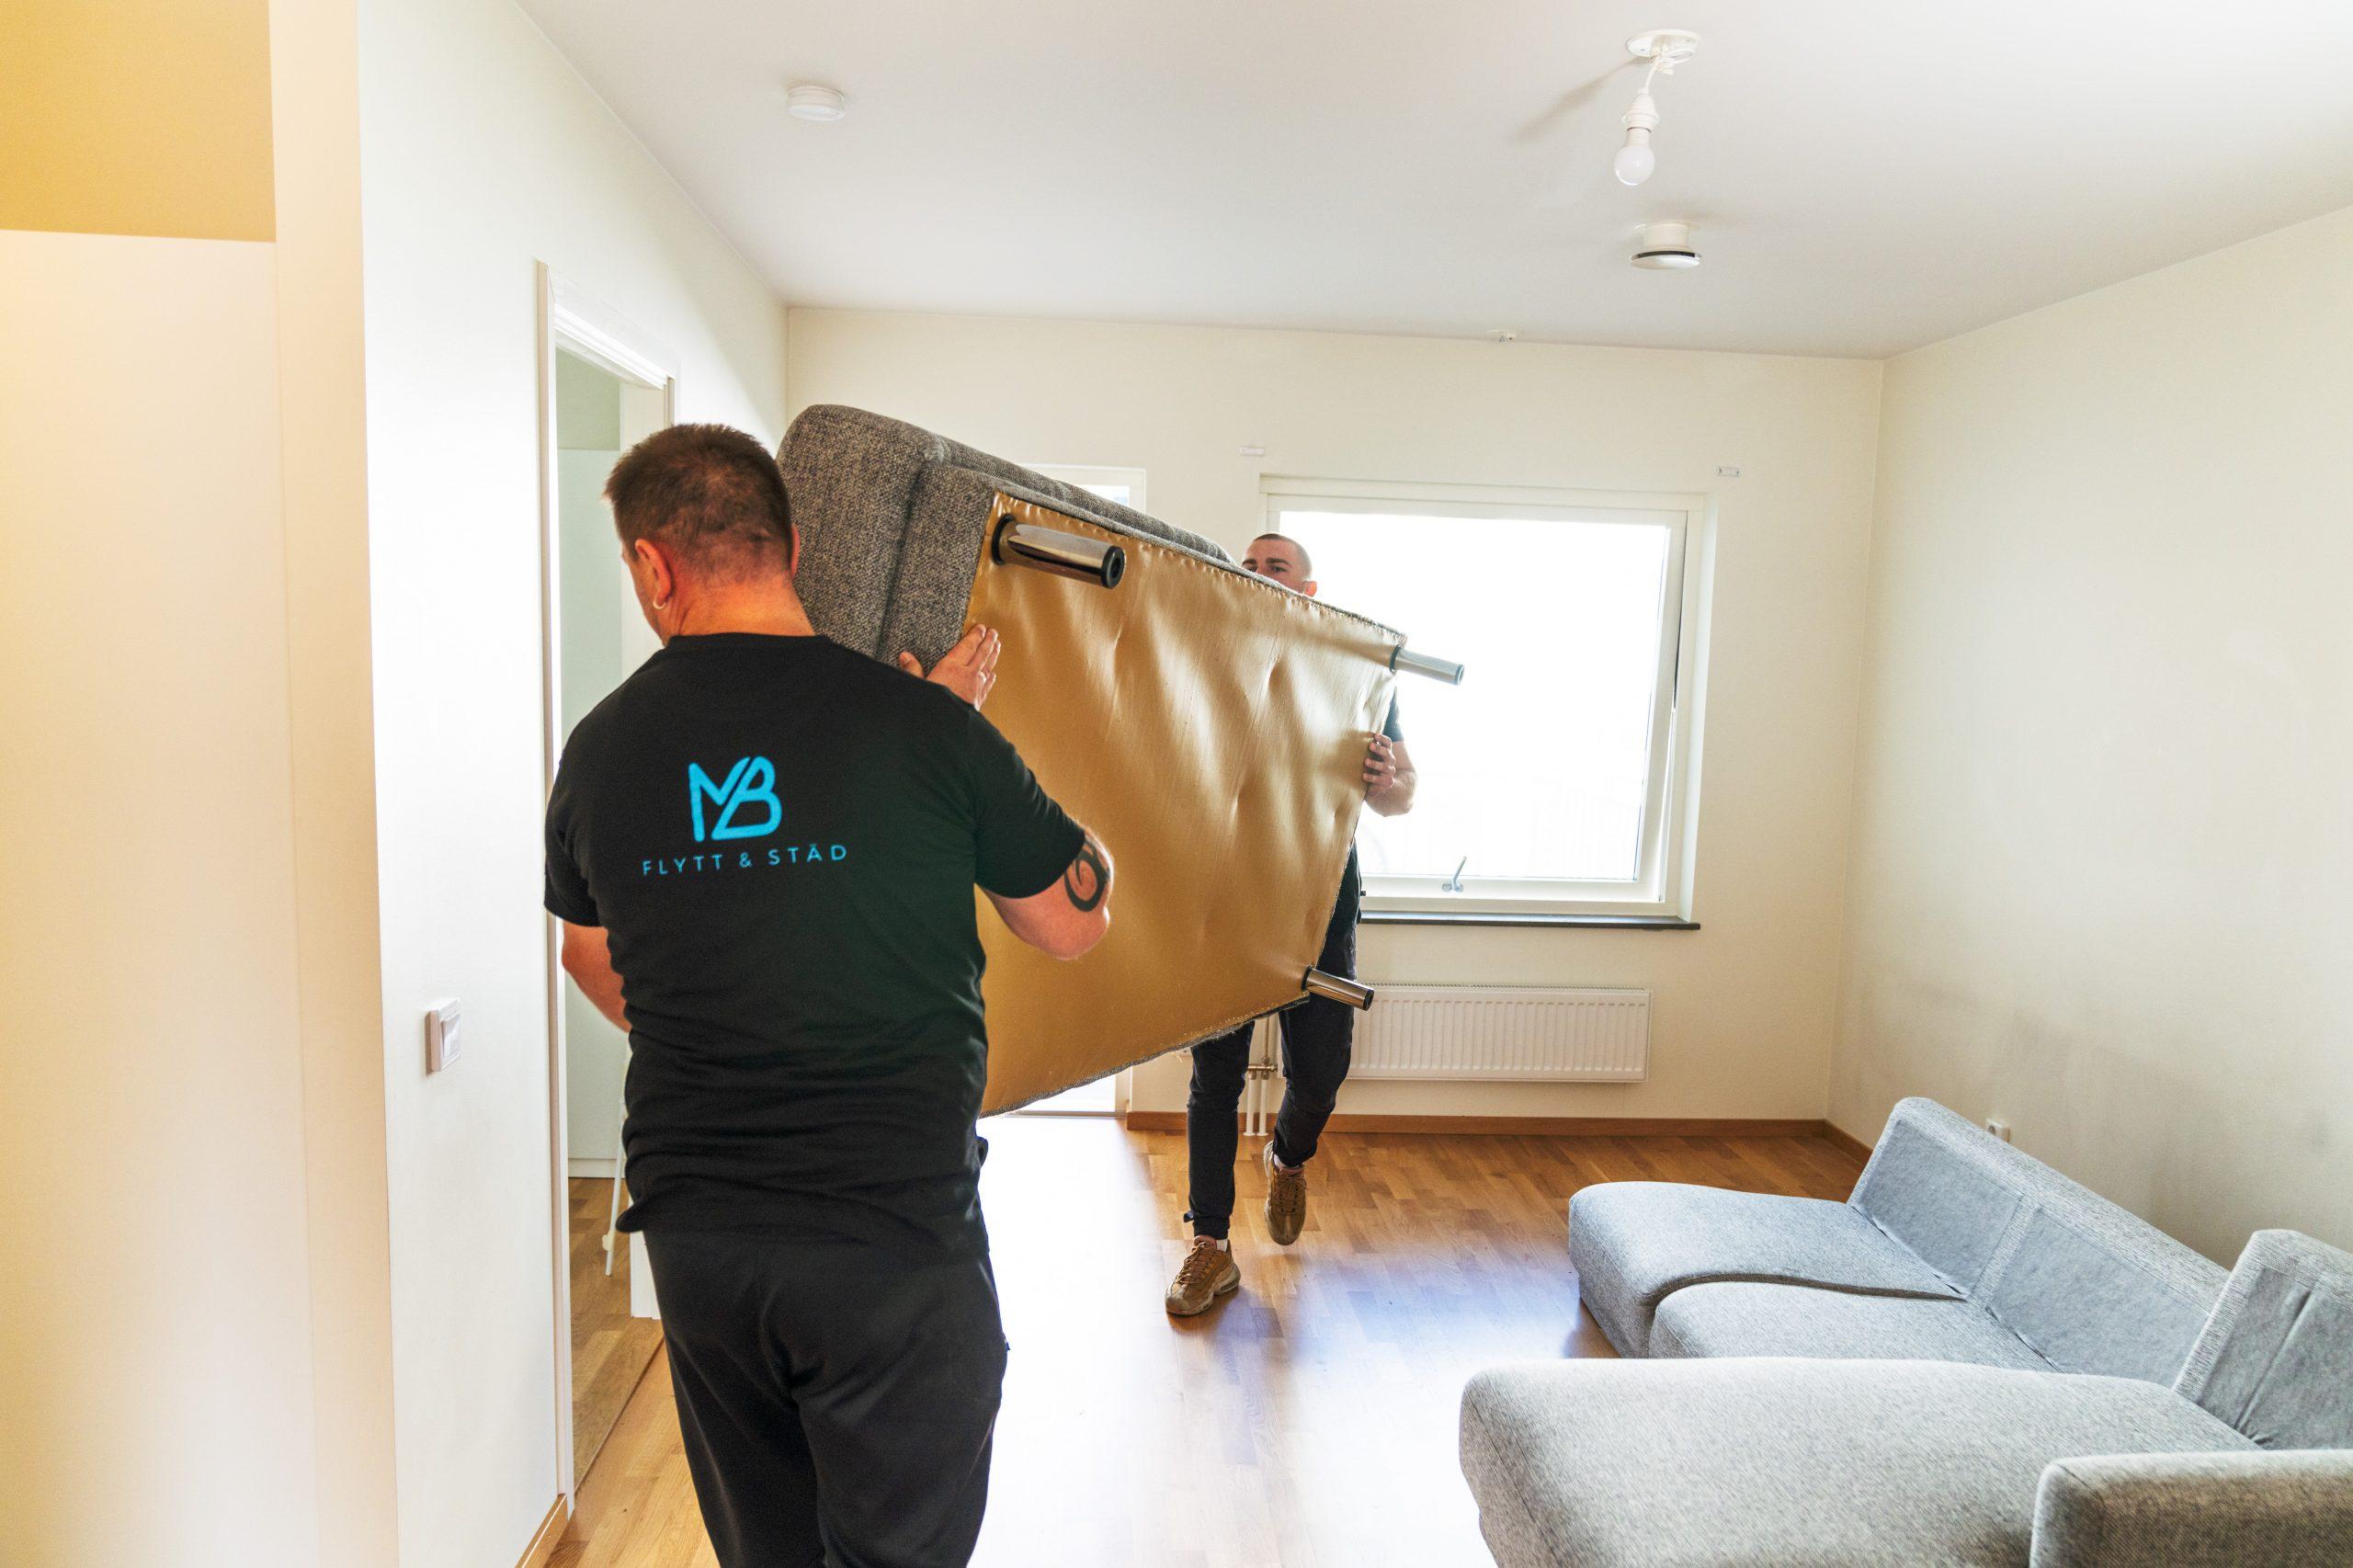 Flytthjälp på era villkor med vår flyttfirma i Höör